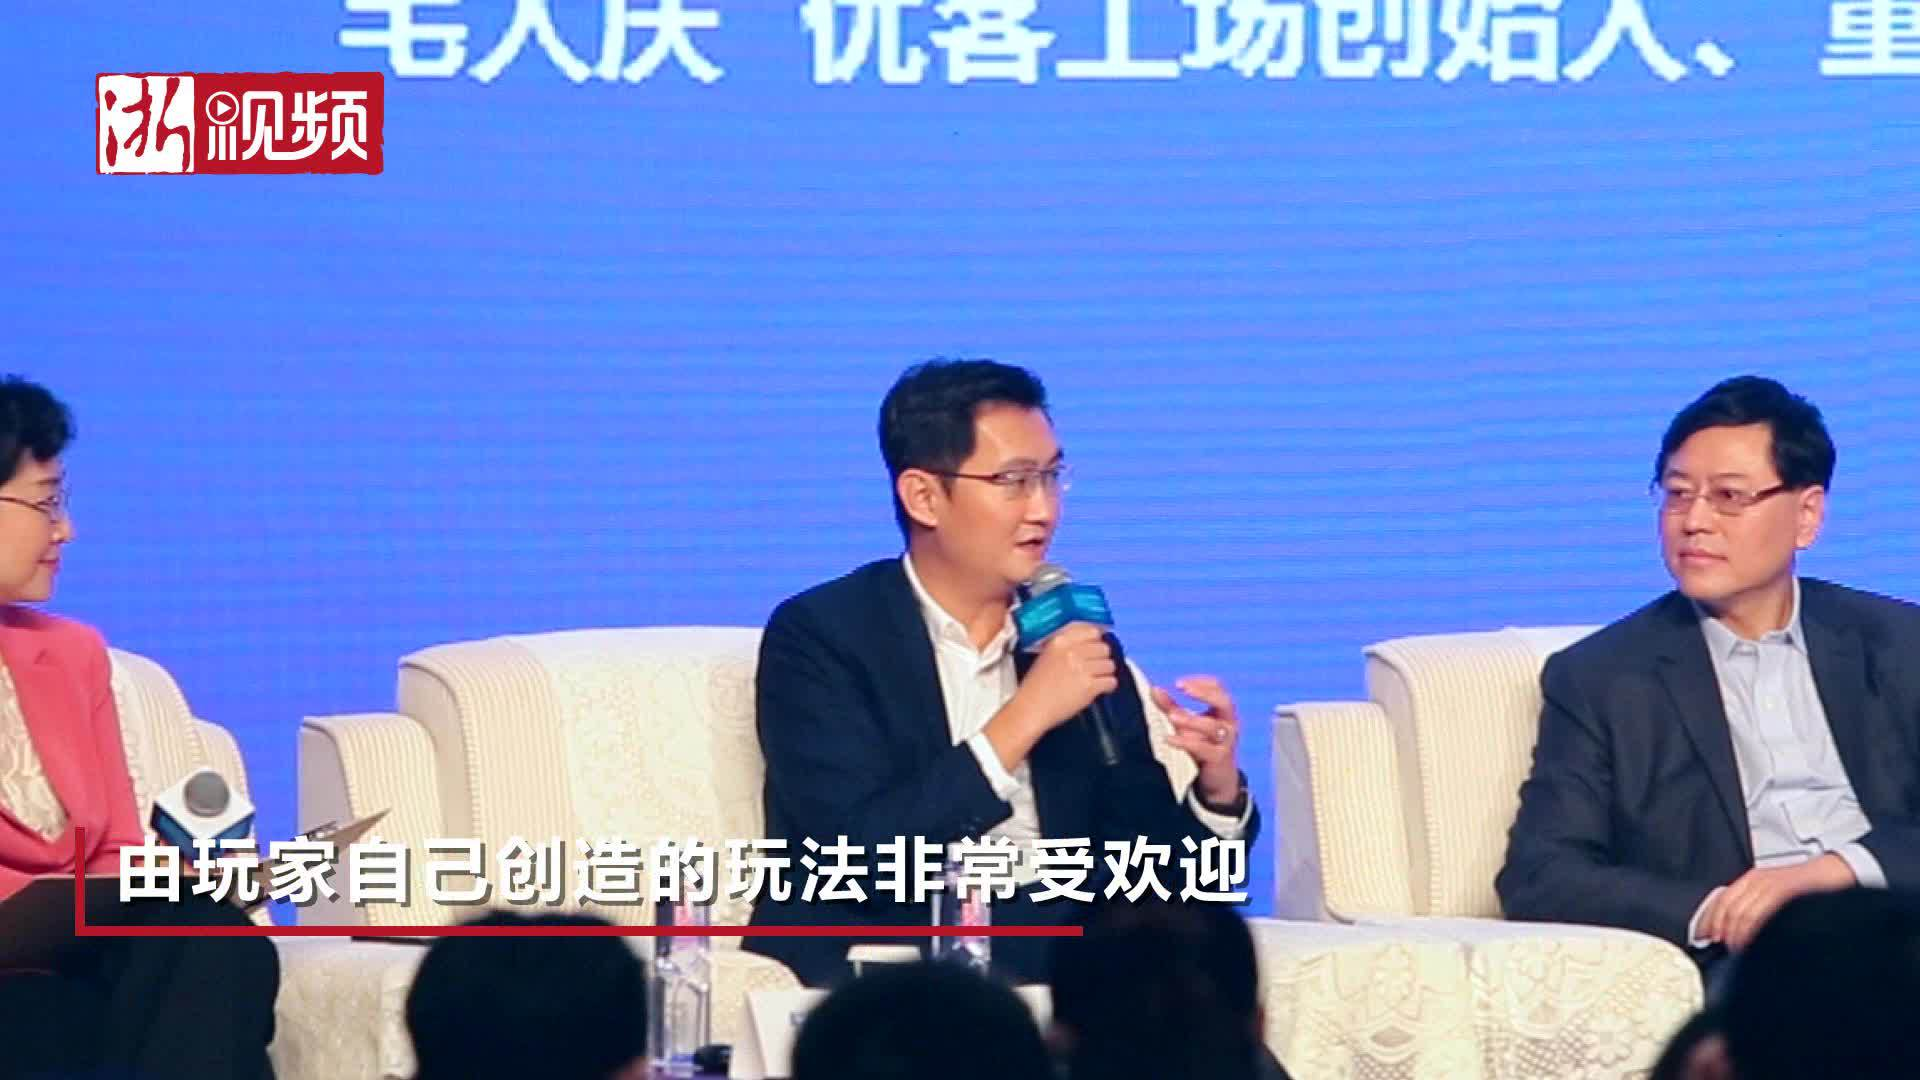 杨元庆昨天怼了马化腾:人工智能不是突然变热的